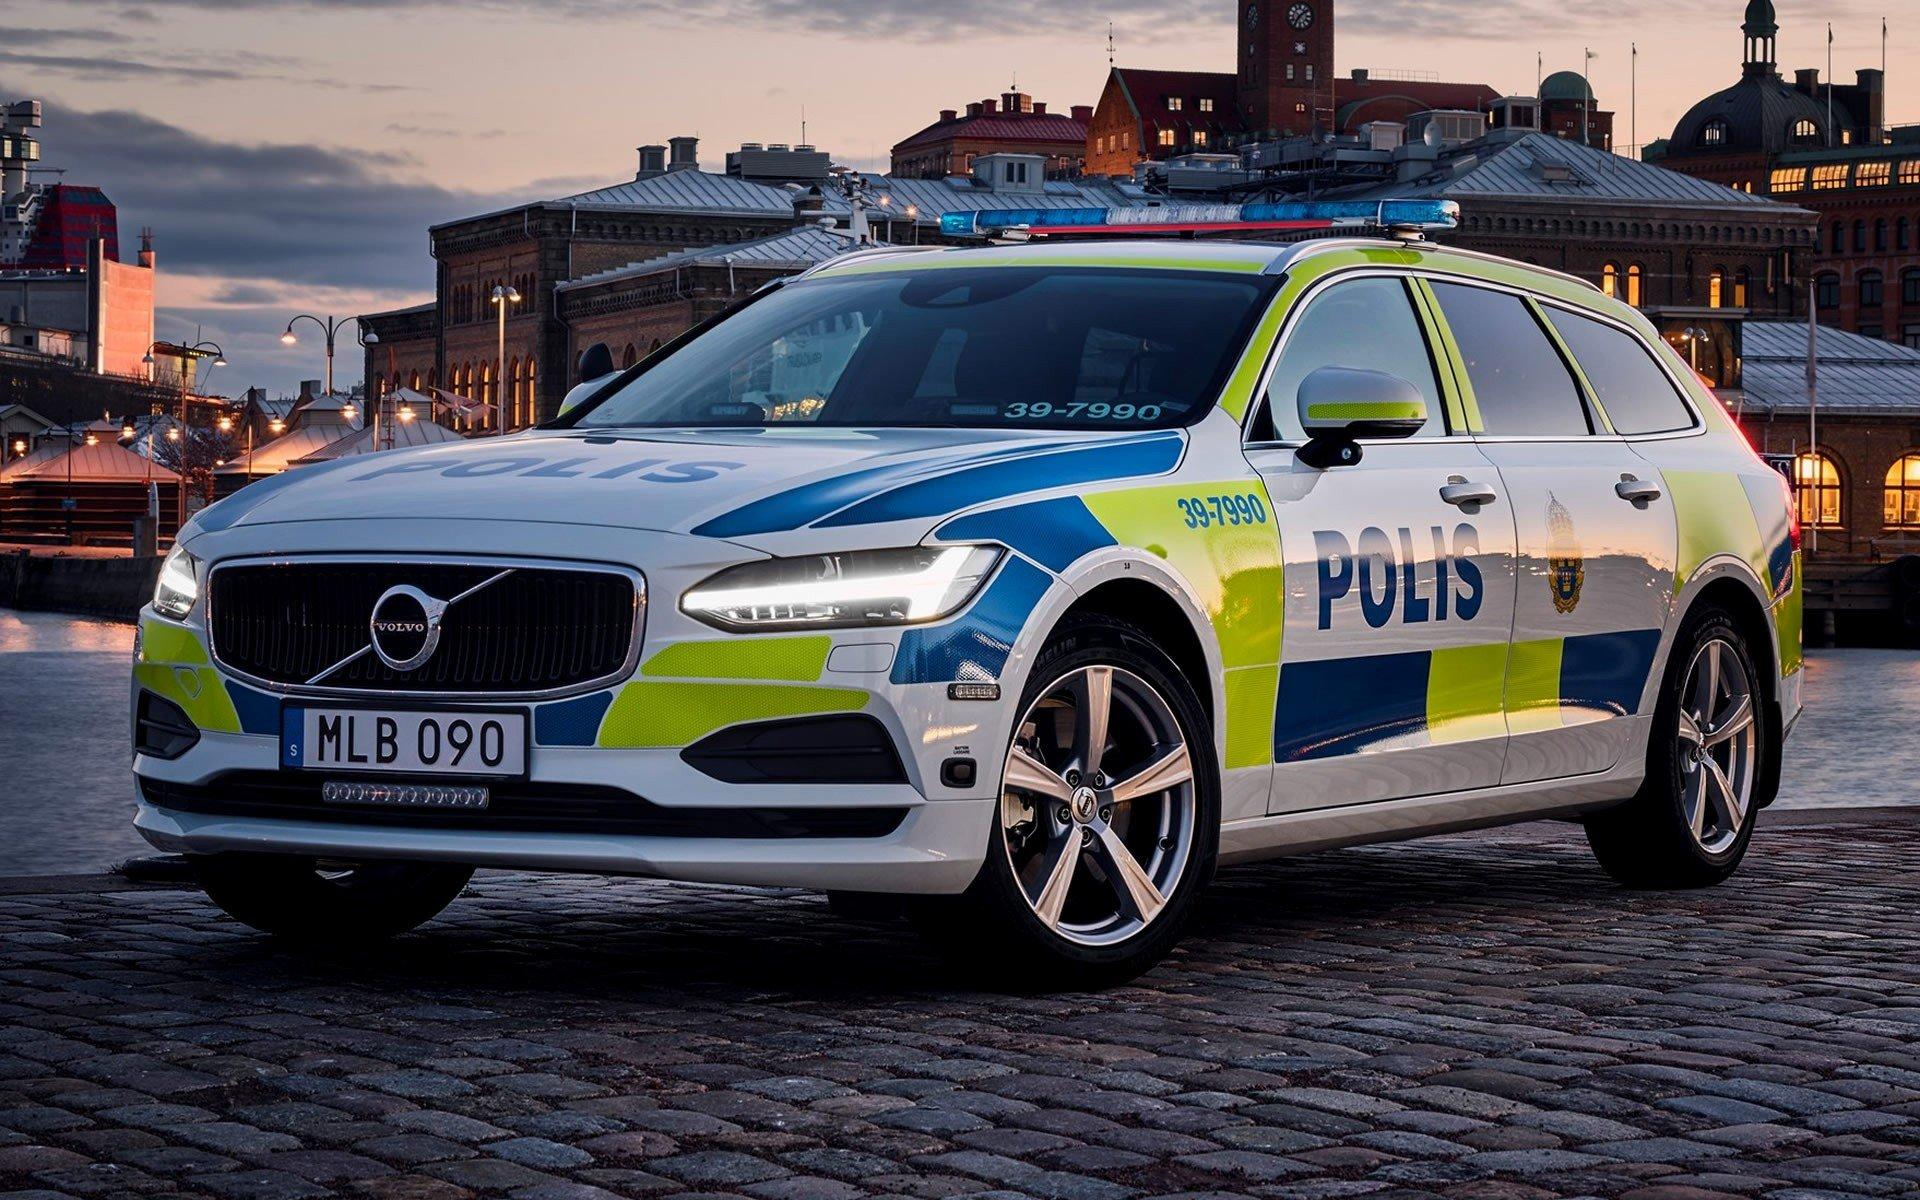 Volvo V90, Volvo, Police cars, Sweden Wallpaper